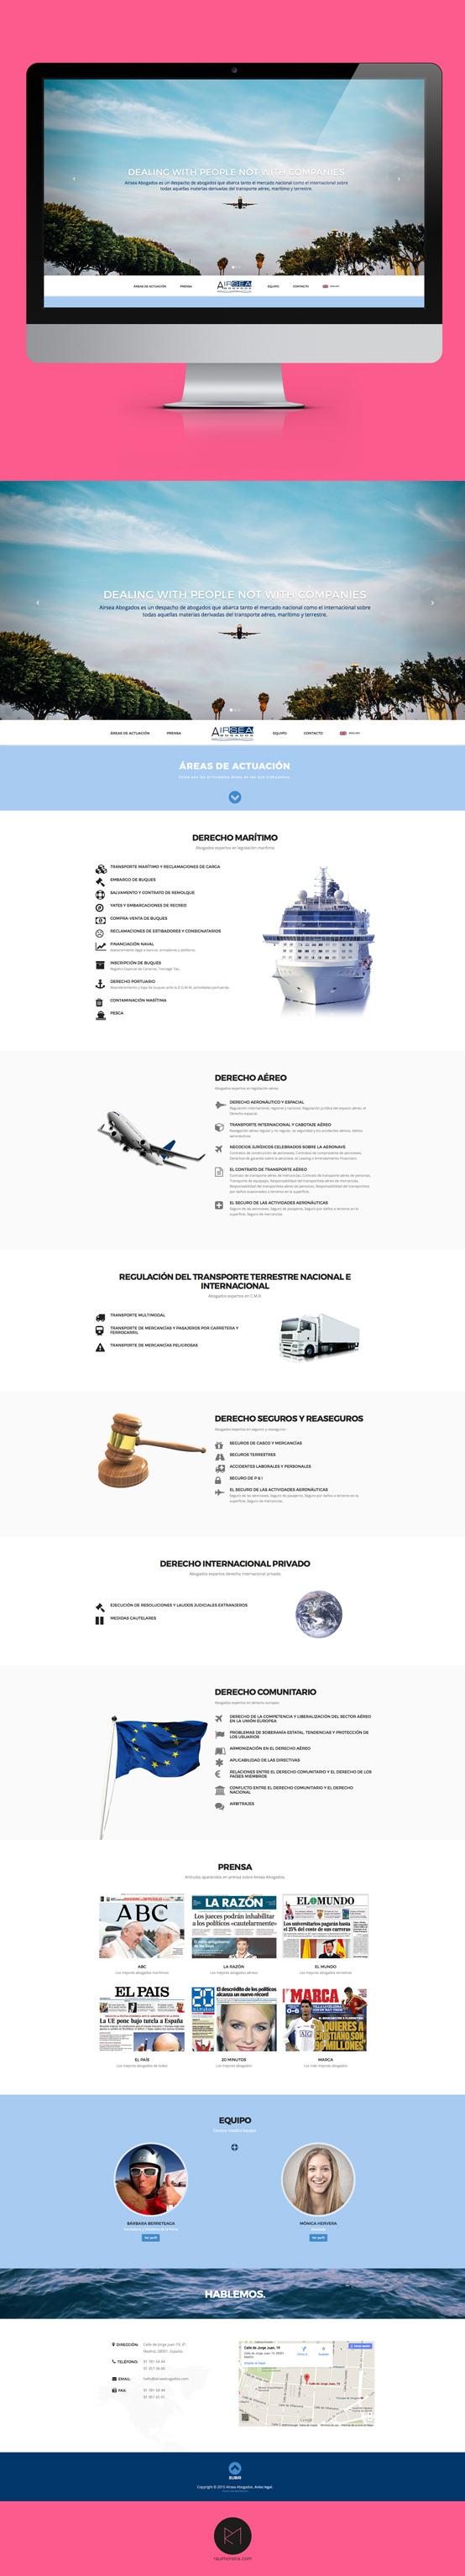 diseñador paginas web Madrid para empresas en html